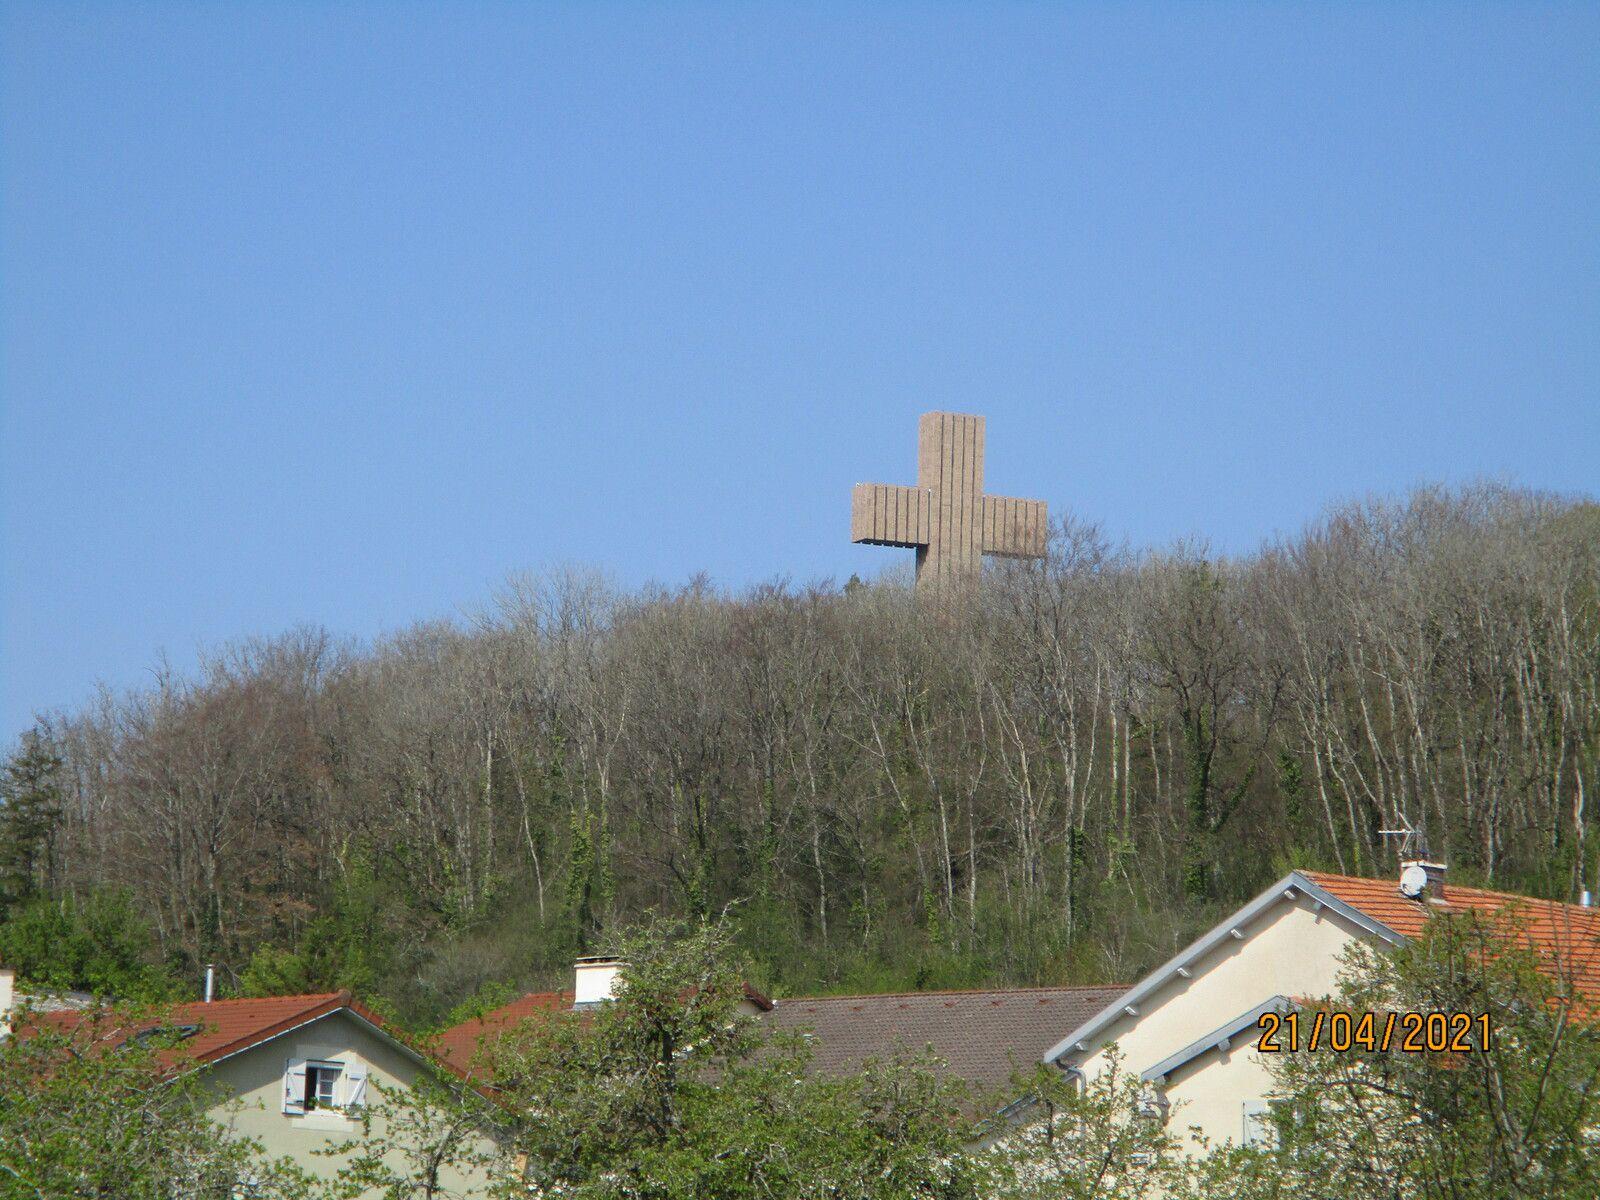 Je ne sais pas encore que cette croix si imposante fait partie de la visite du mémorial, toute la forêt est cloturée, nous ne verrons pas la croix, maudit virus!